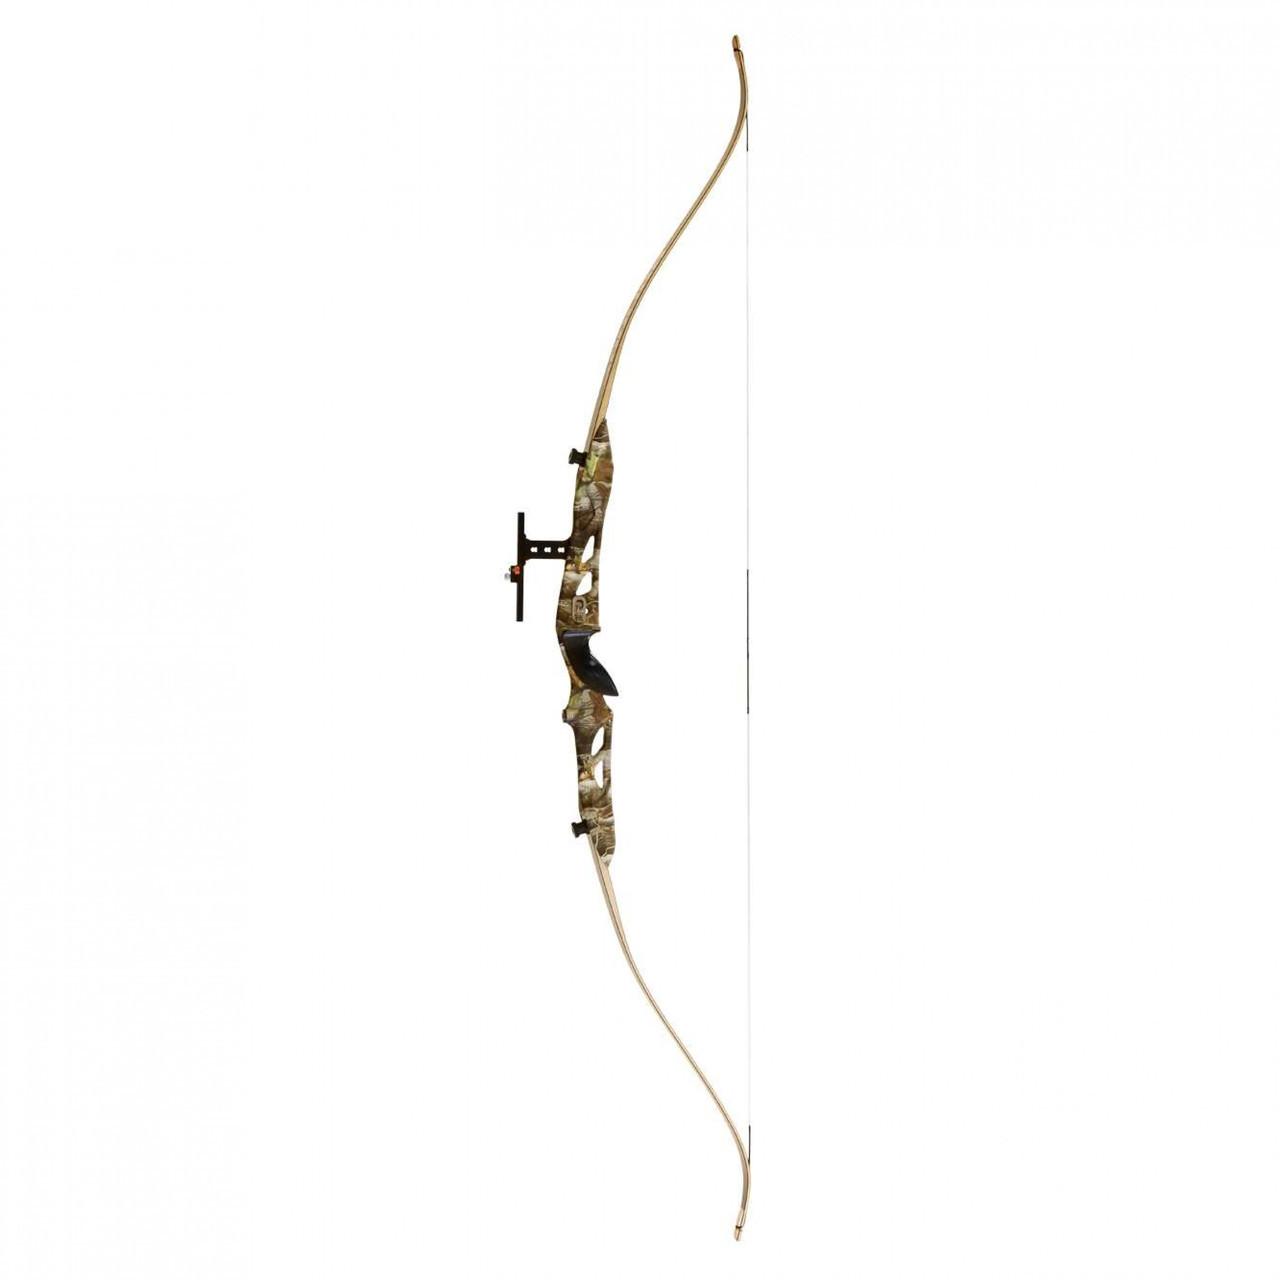 Лук для развлекательной и спортивной стрельбы  Jandao 66/32-Camo-S